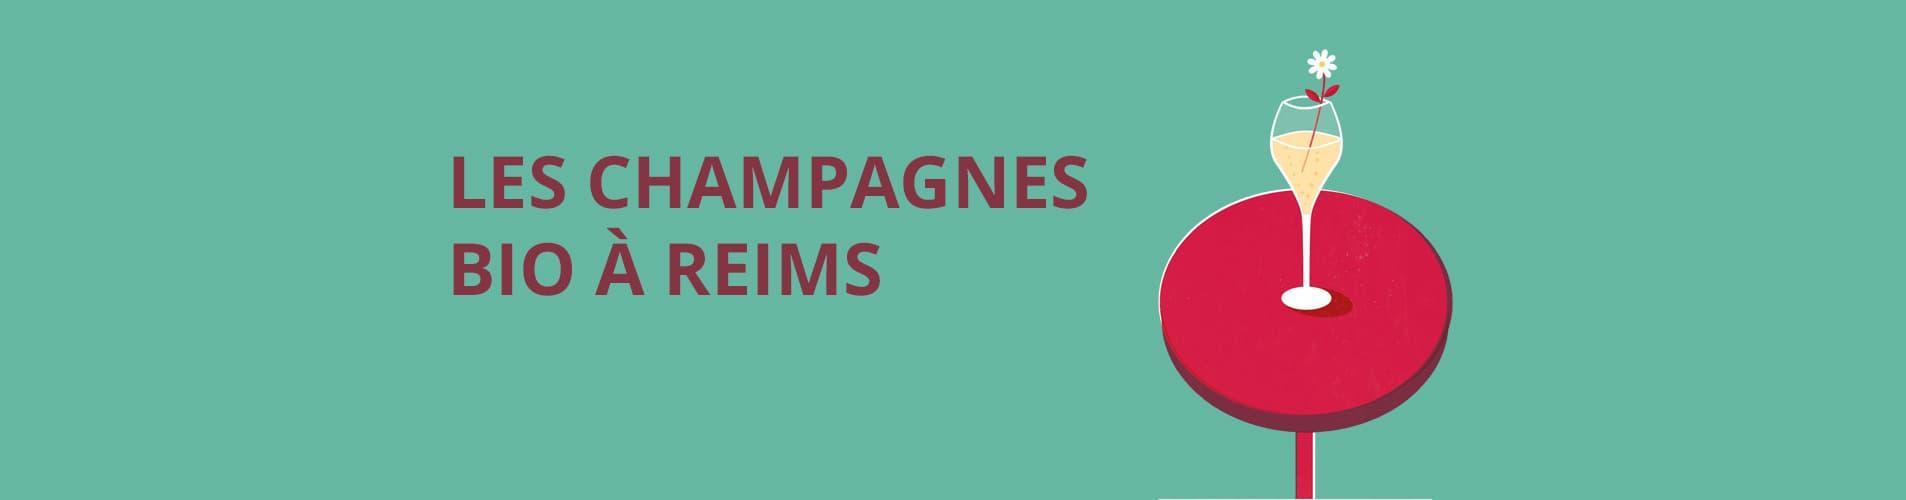 Carte les champagnes bio a reims